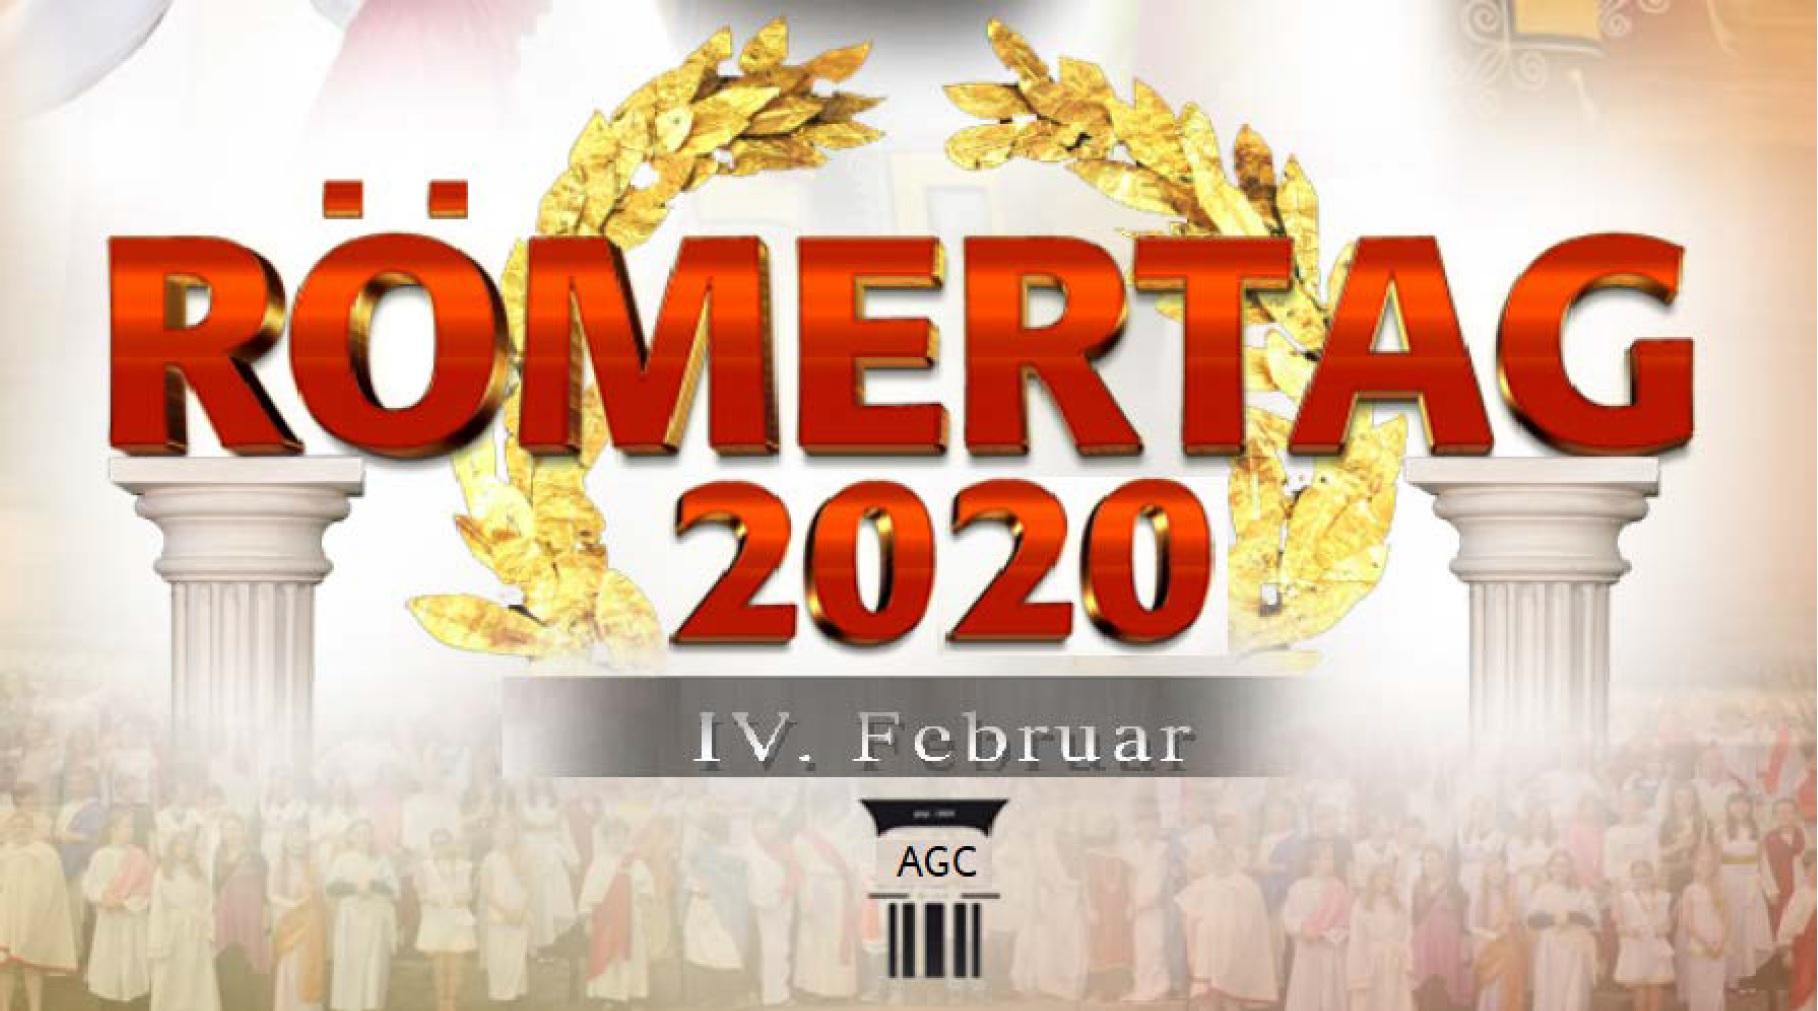 Römertag 2020